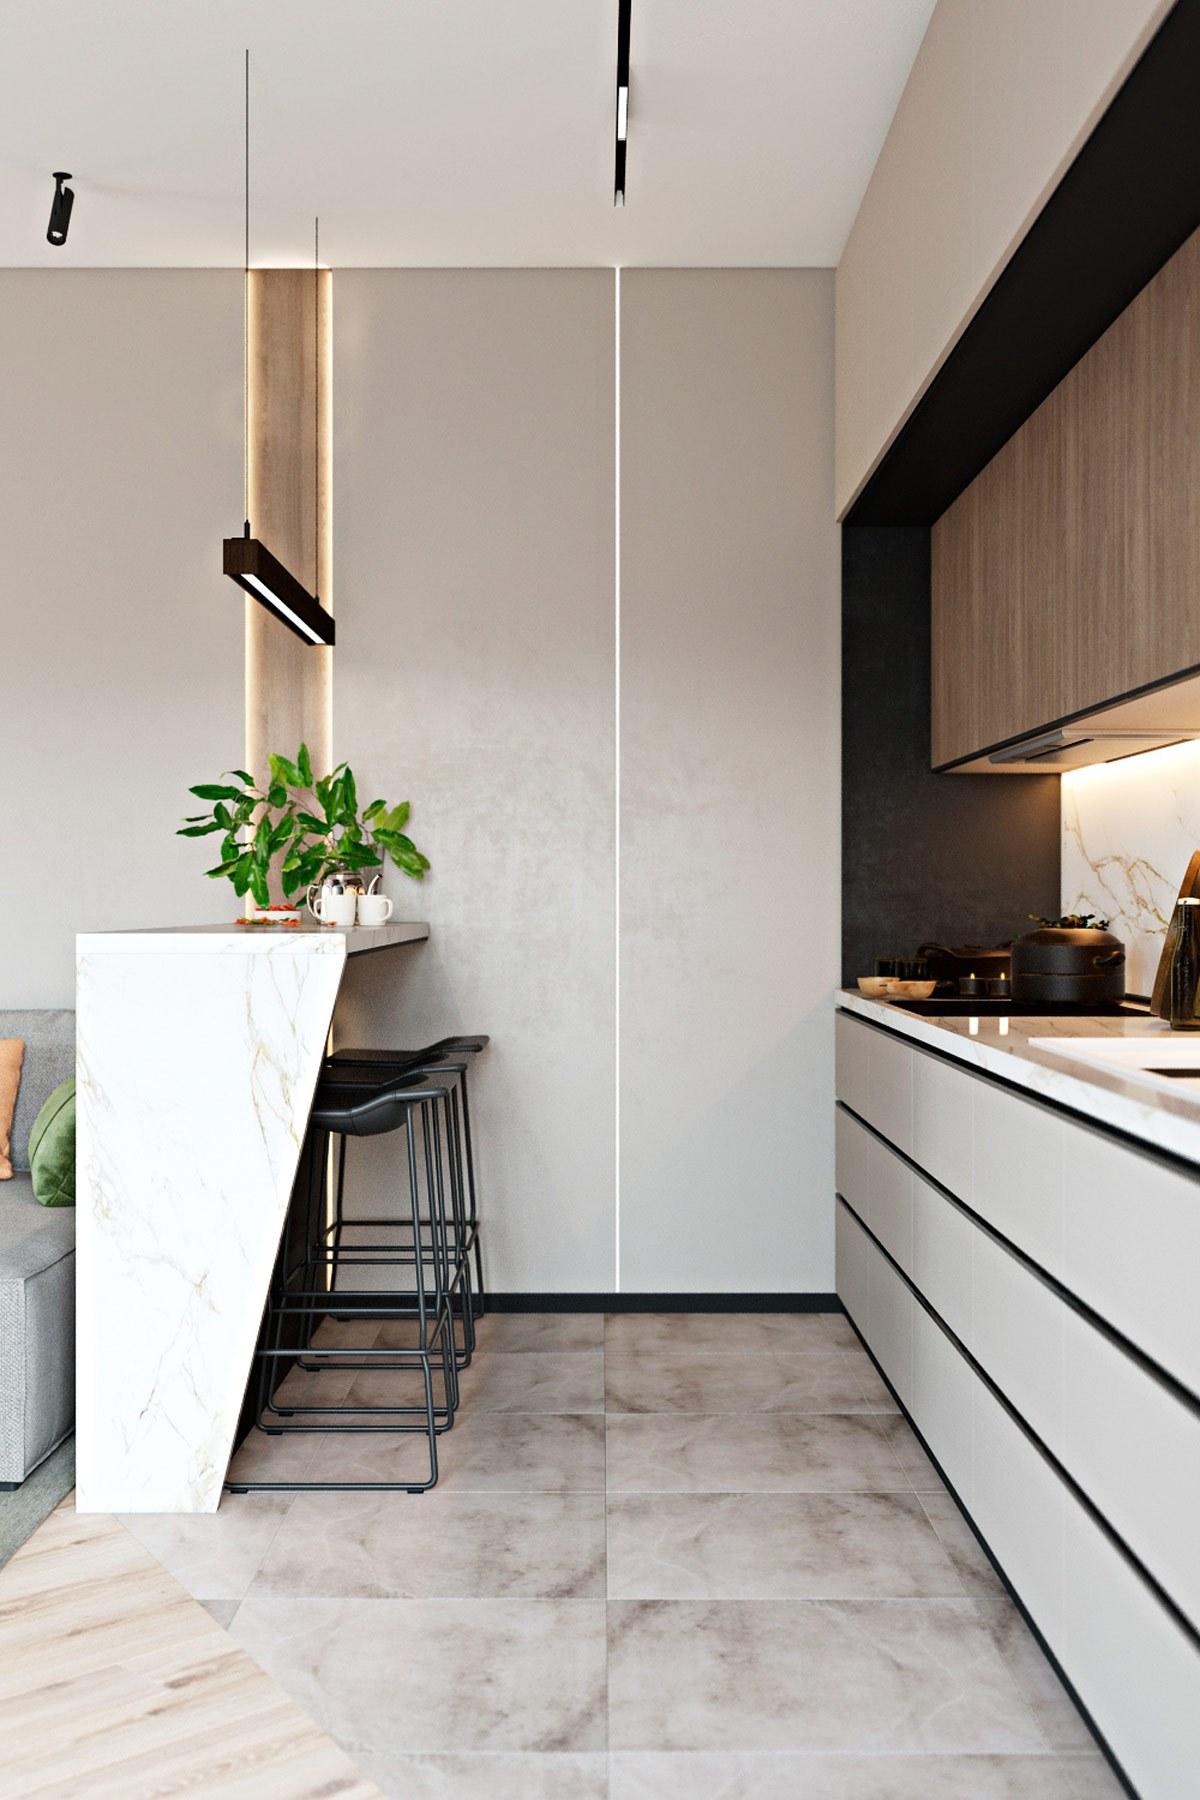 Đảo bếp là điểm nhấn ngăn cách thông minh cho không gian